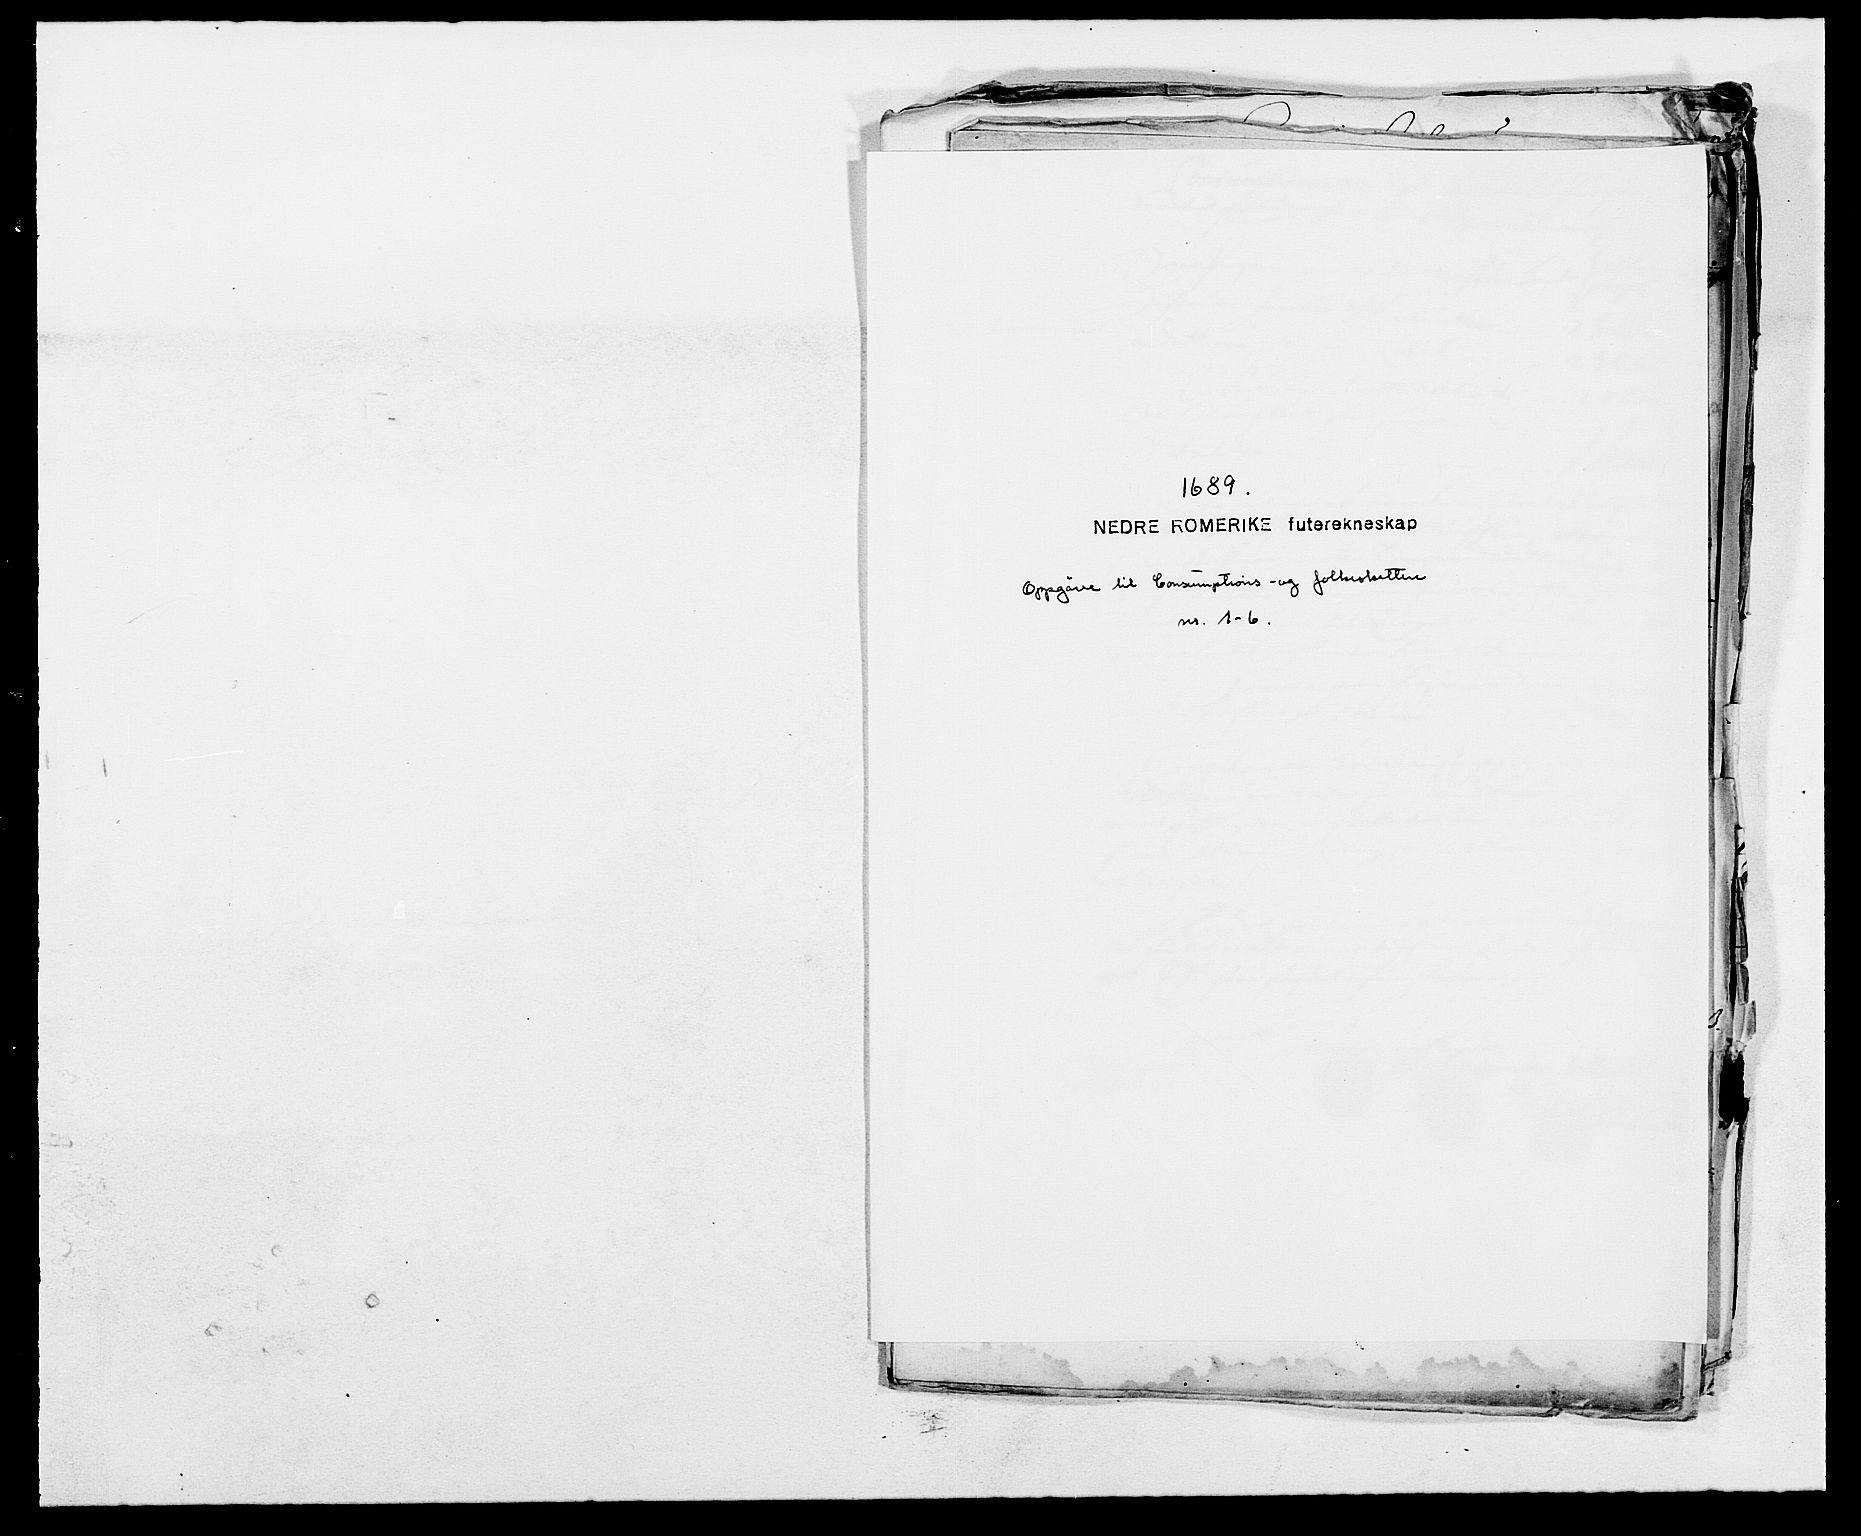 RA, Rentekammeret inntil 1814, Reviderte regnskaper, Fogderegnskap, R11/L0574: Fogderegnskap Nedre Romerike, 1689-1690, s. 73